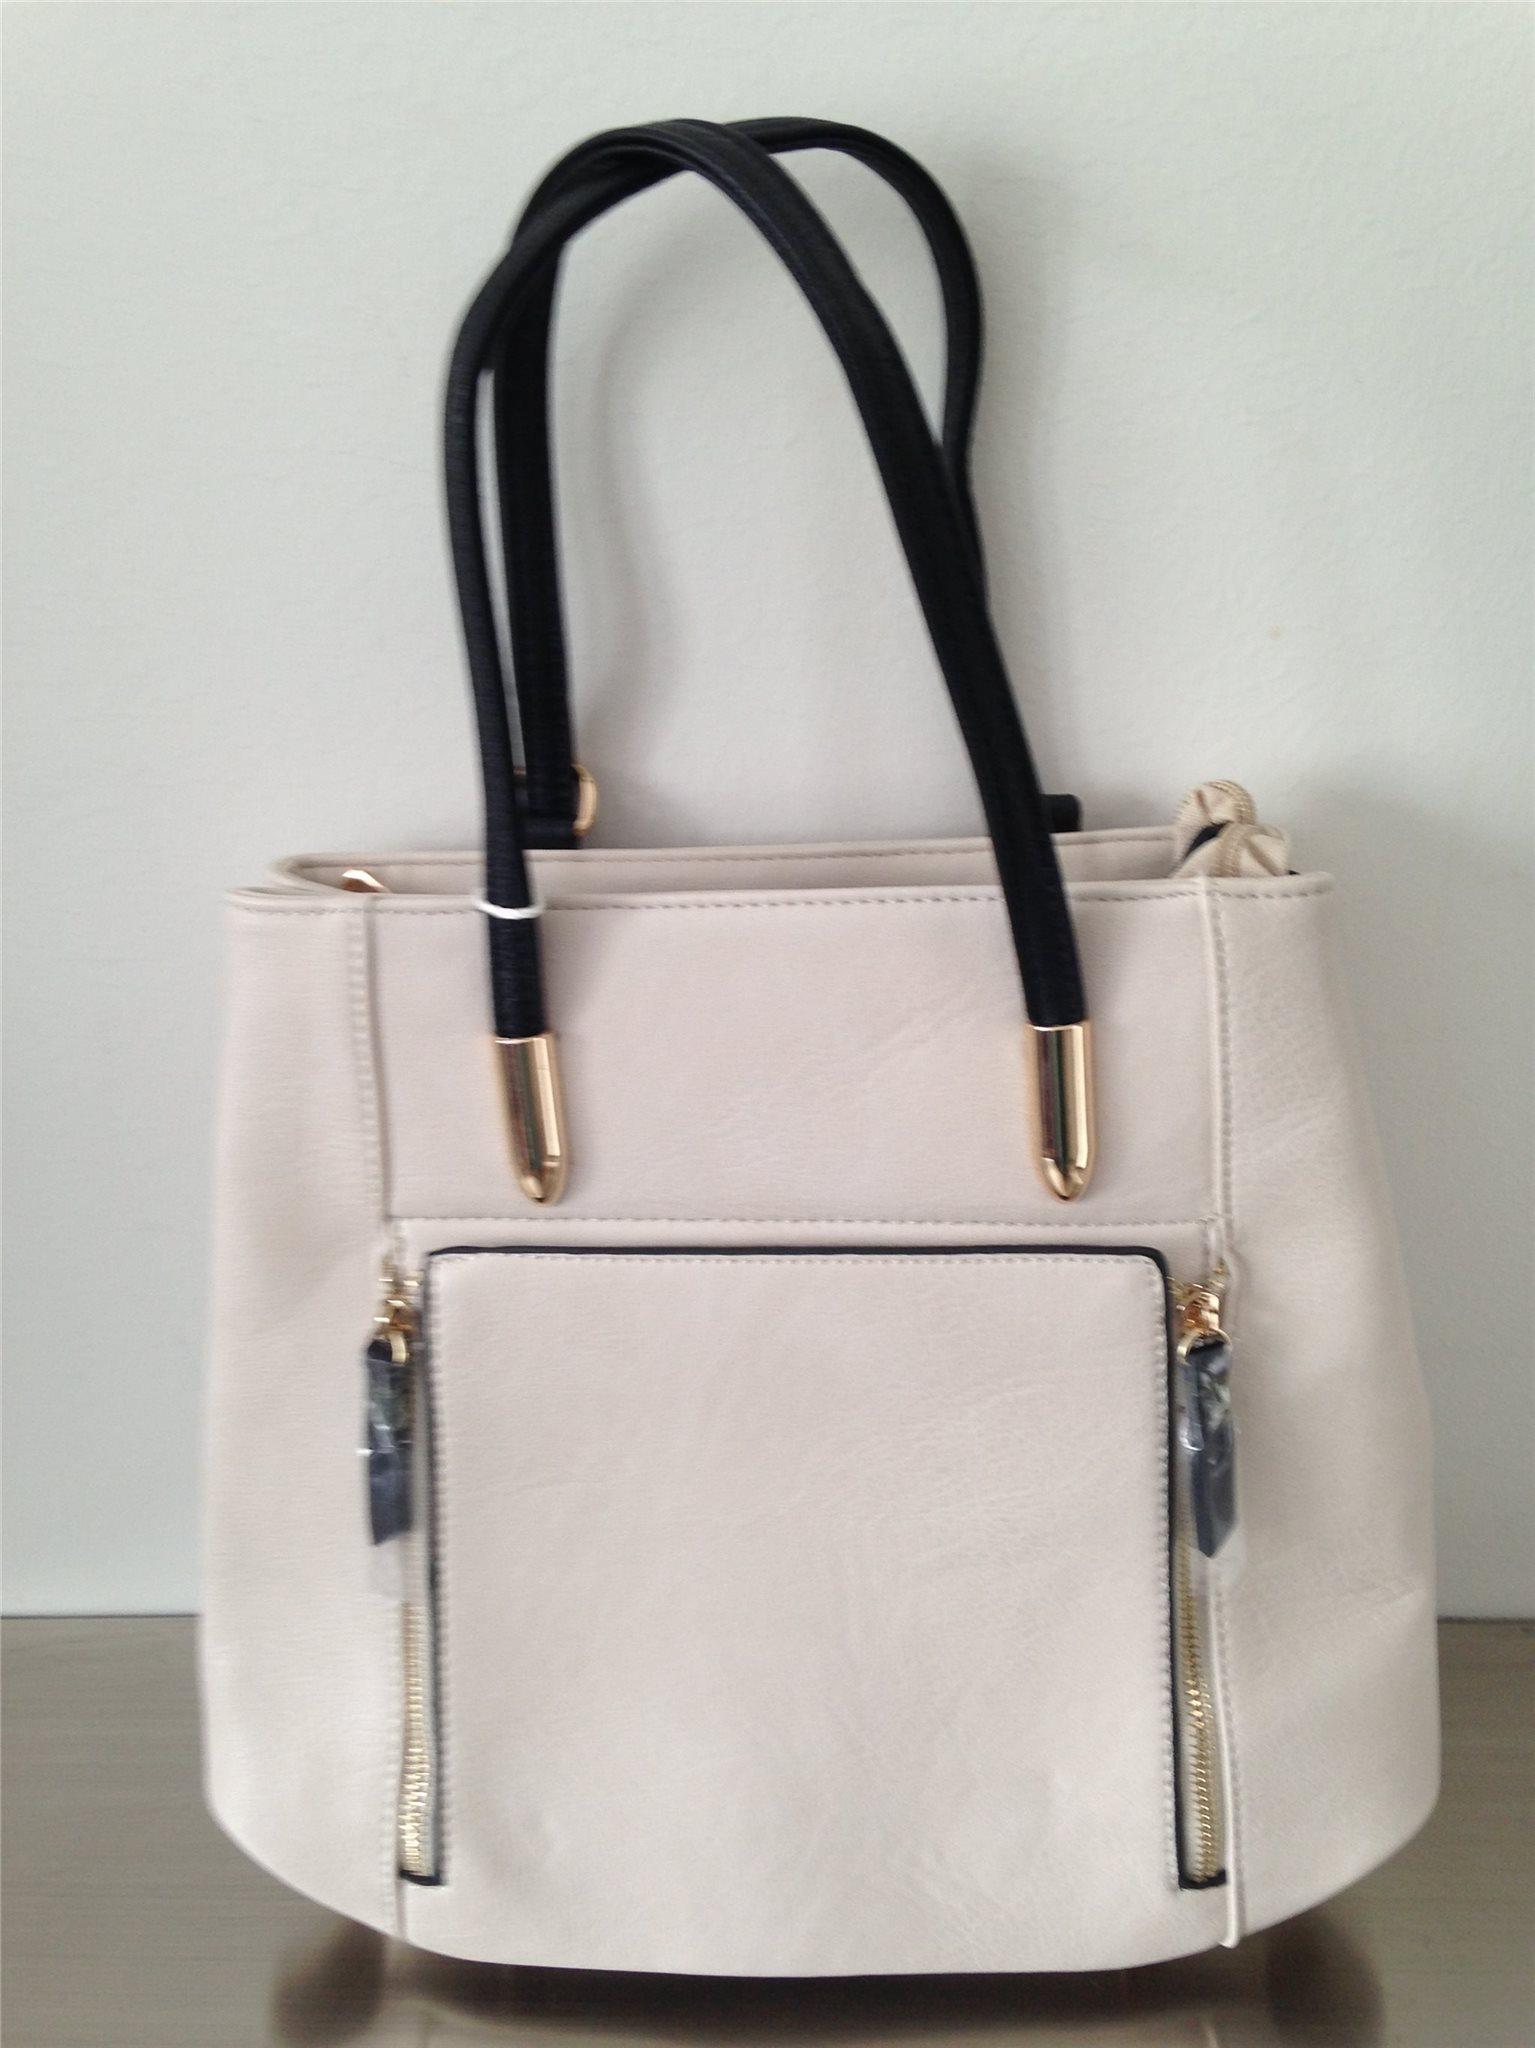 Kombinerad väska   ryggsäck creme (343298903) ᐈ Köp på Tradera 28ba76878a658